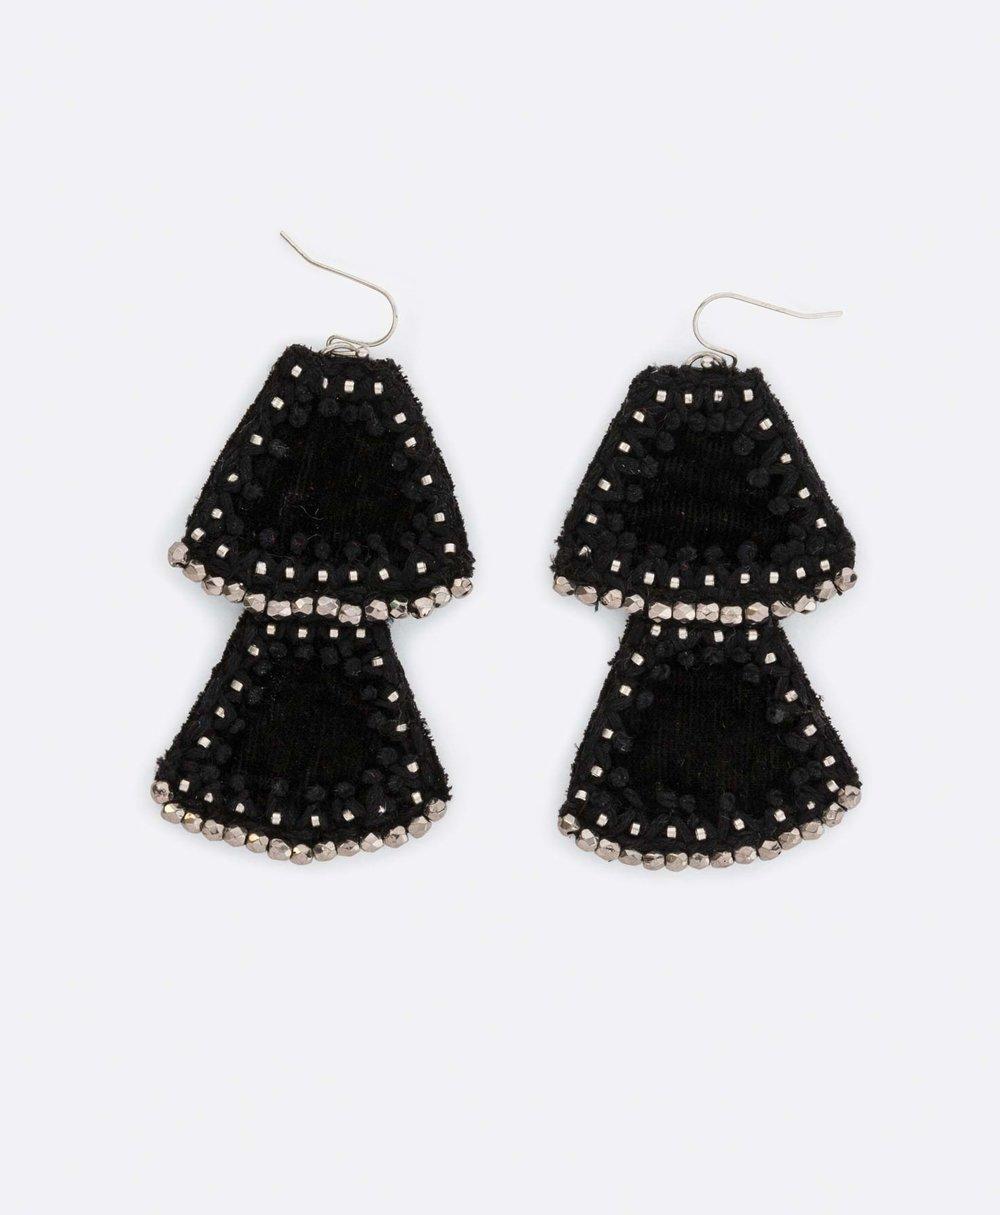 velveteen-earrings,-black-large.jpg